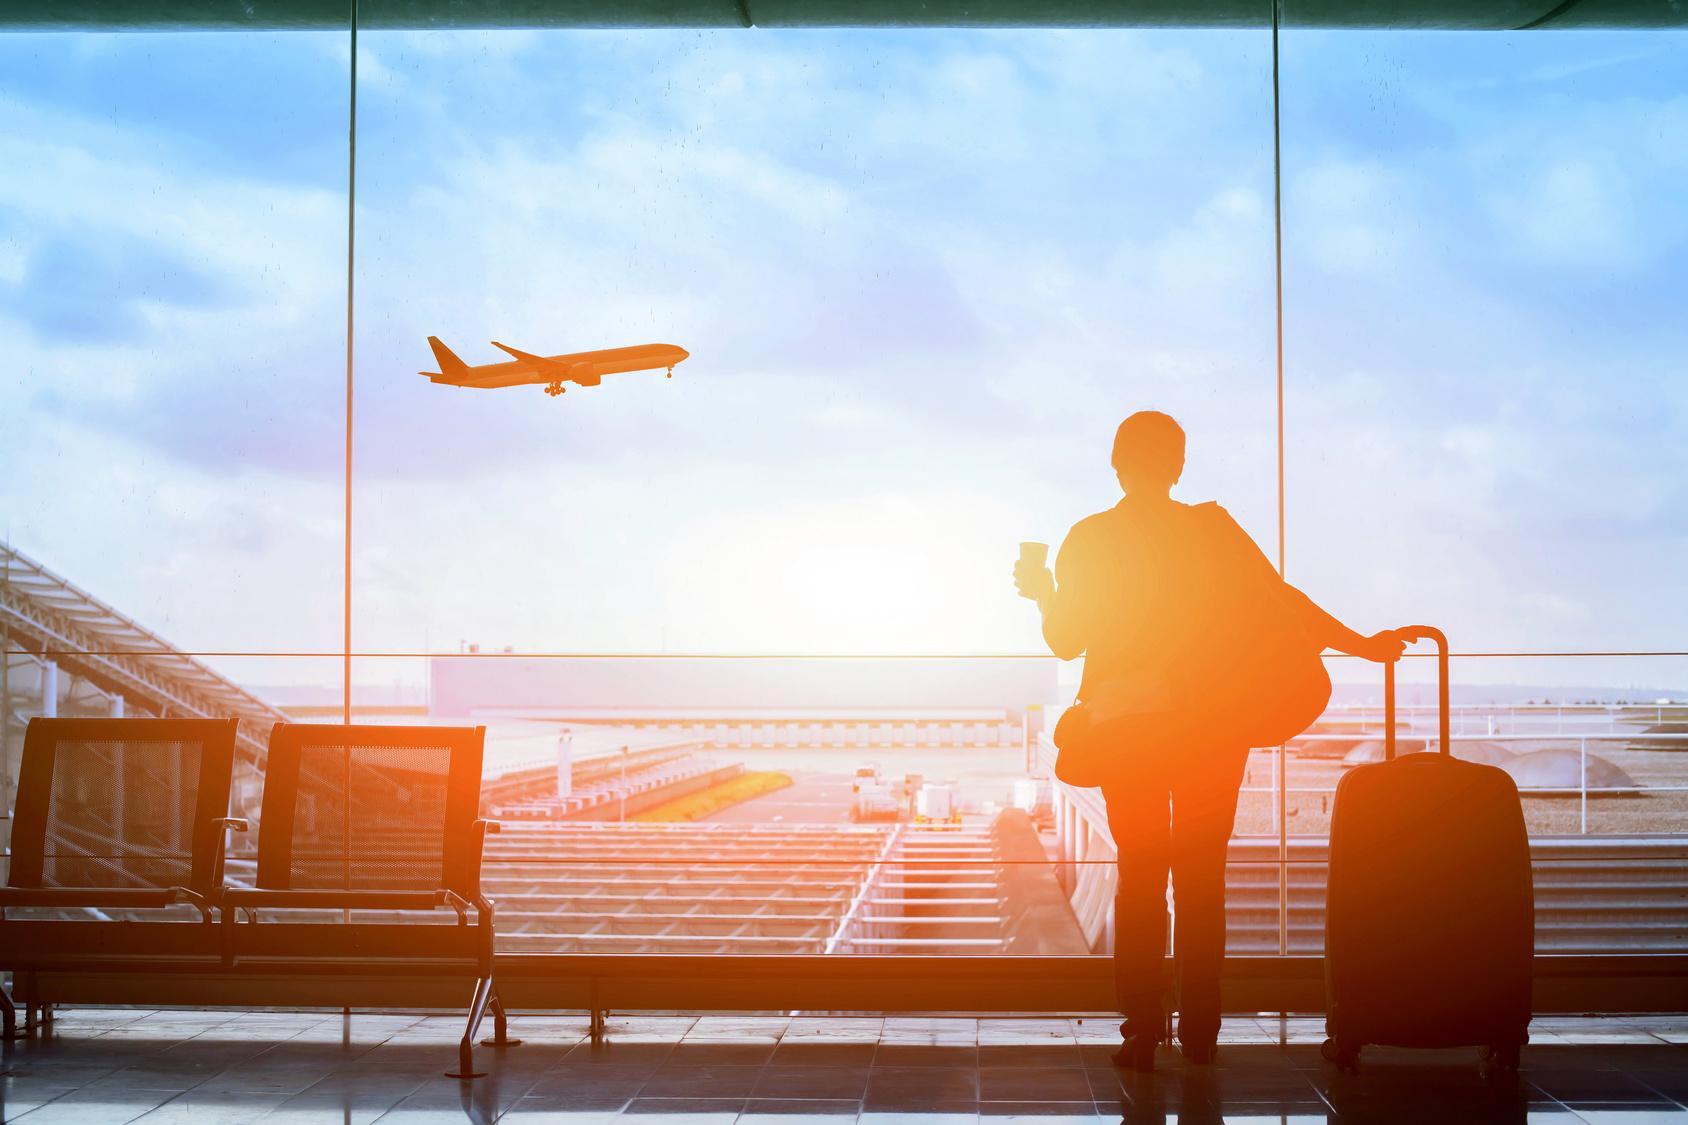 Mit E-Liquids & E-Zigaretten im Flugzeug reisen - was ist erlaubt?